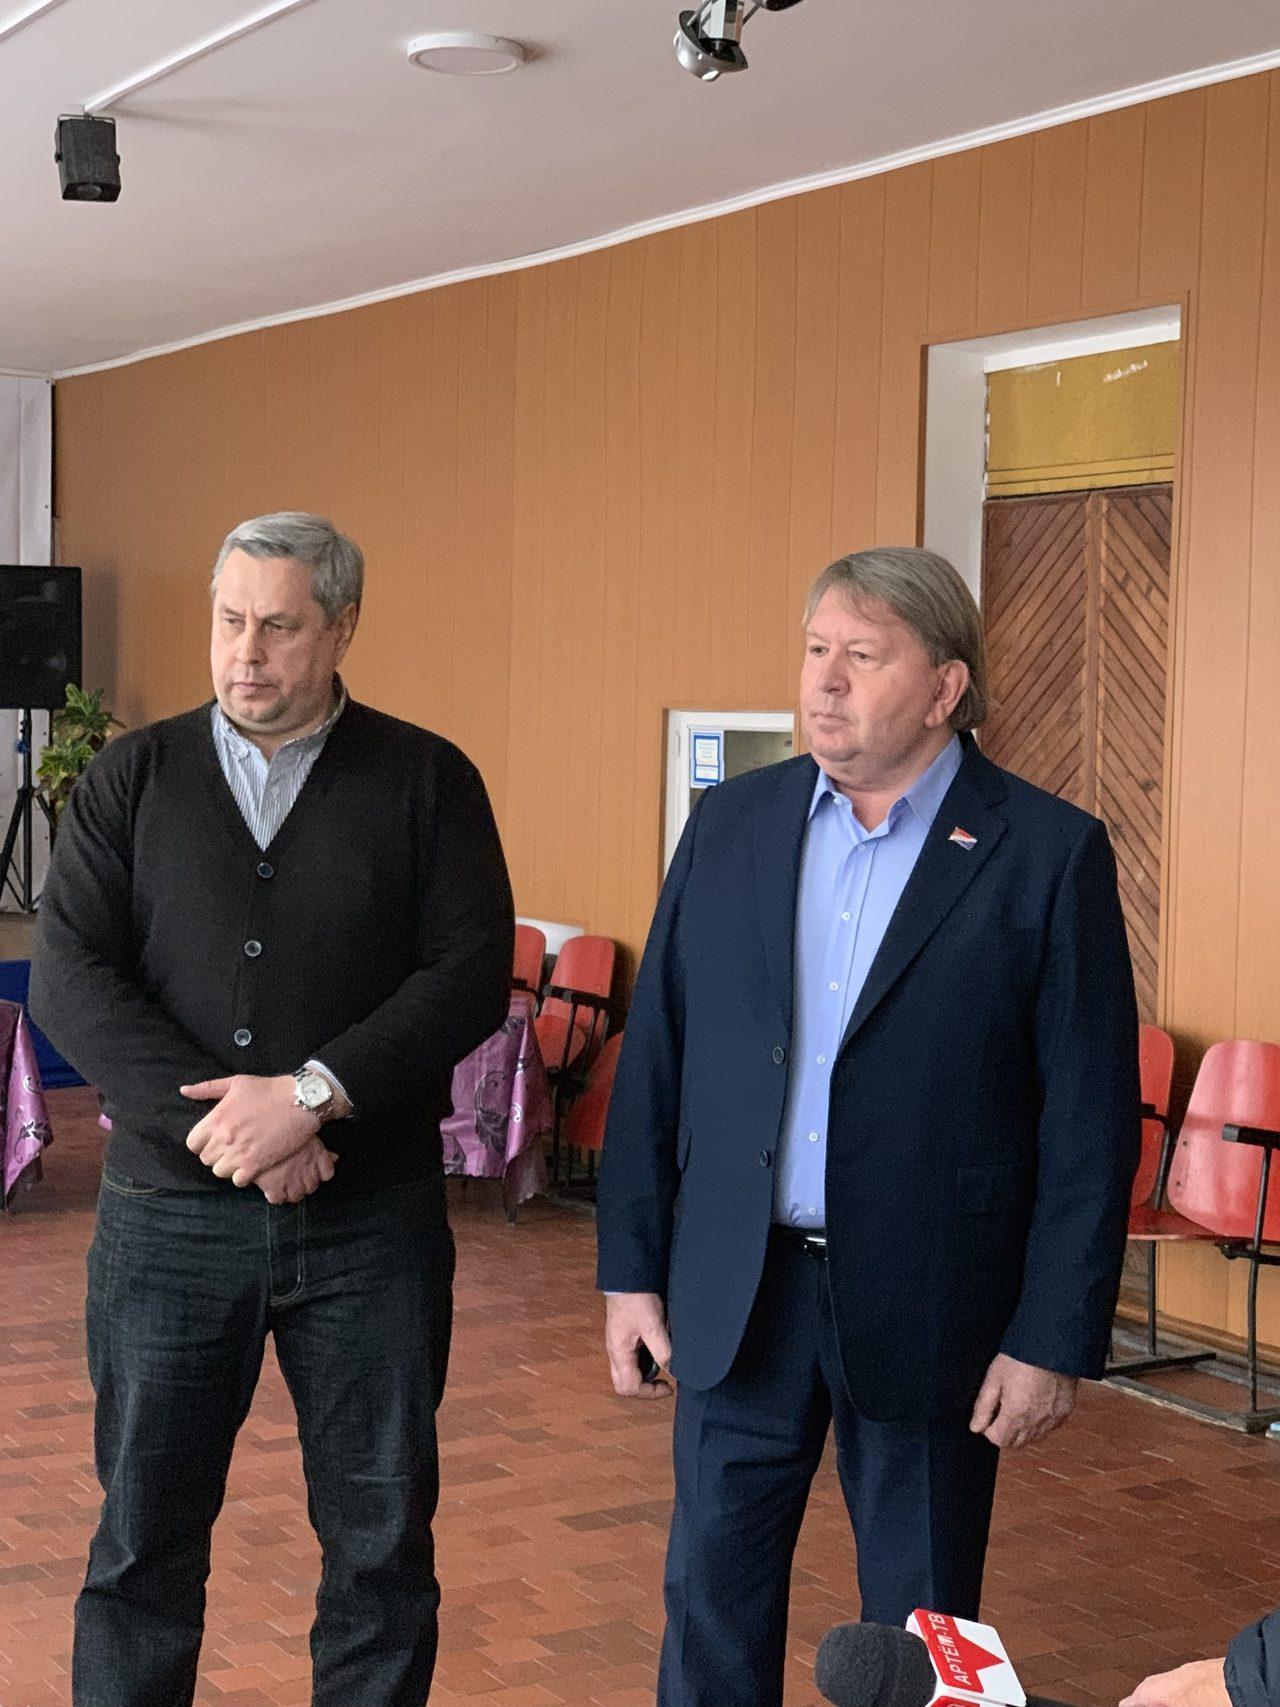 Трехсторонняя встреча с участием жителей, представителей управляющих кампаний и депутатов состоялась в посёлке Силинском.